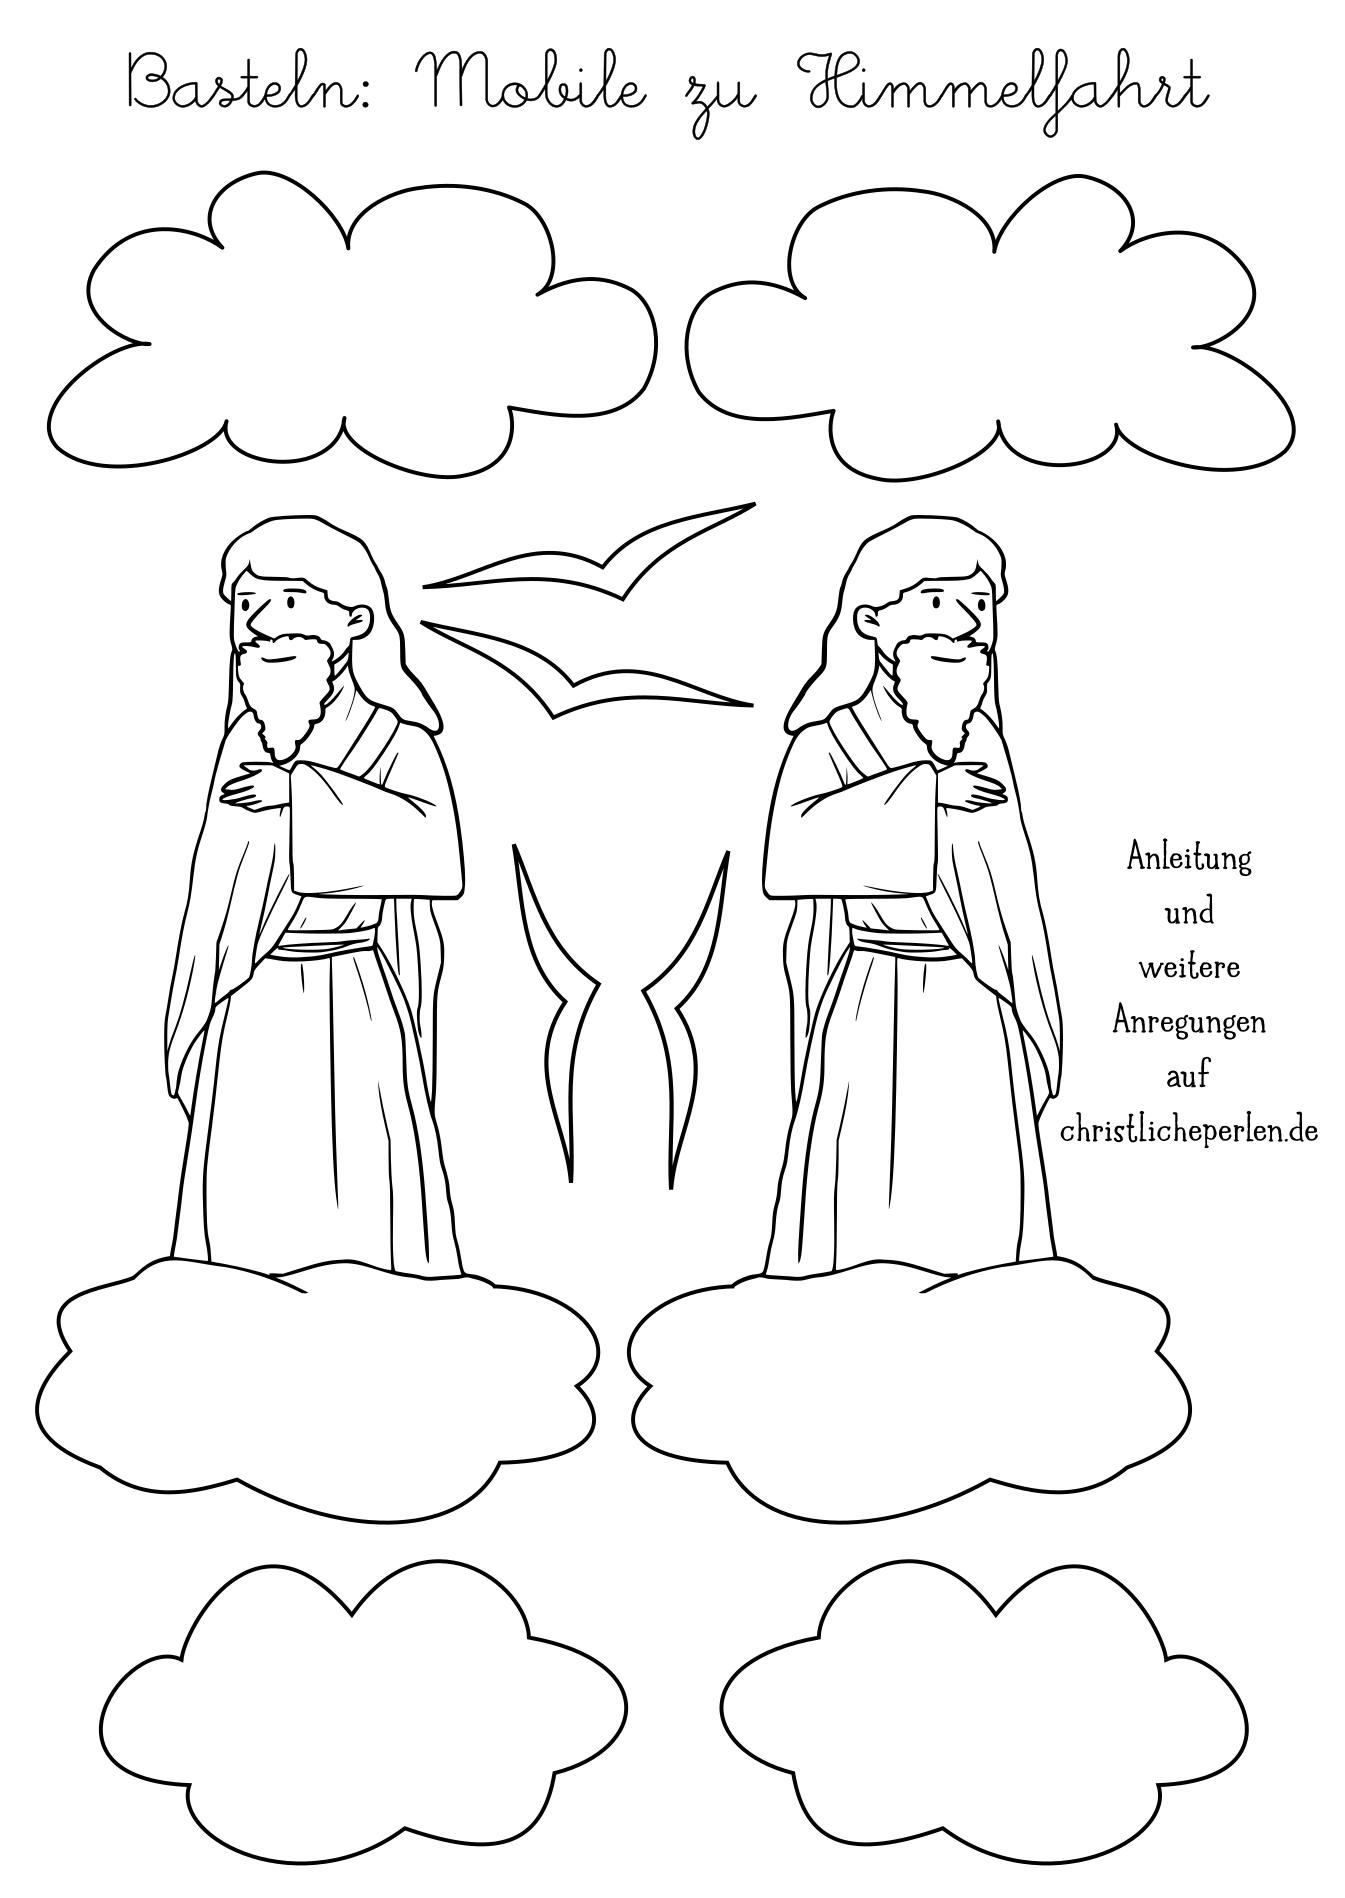 Himmelfahrt | Christliche Perlen